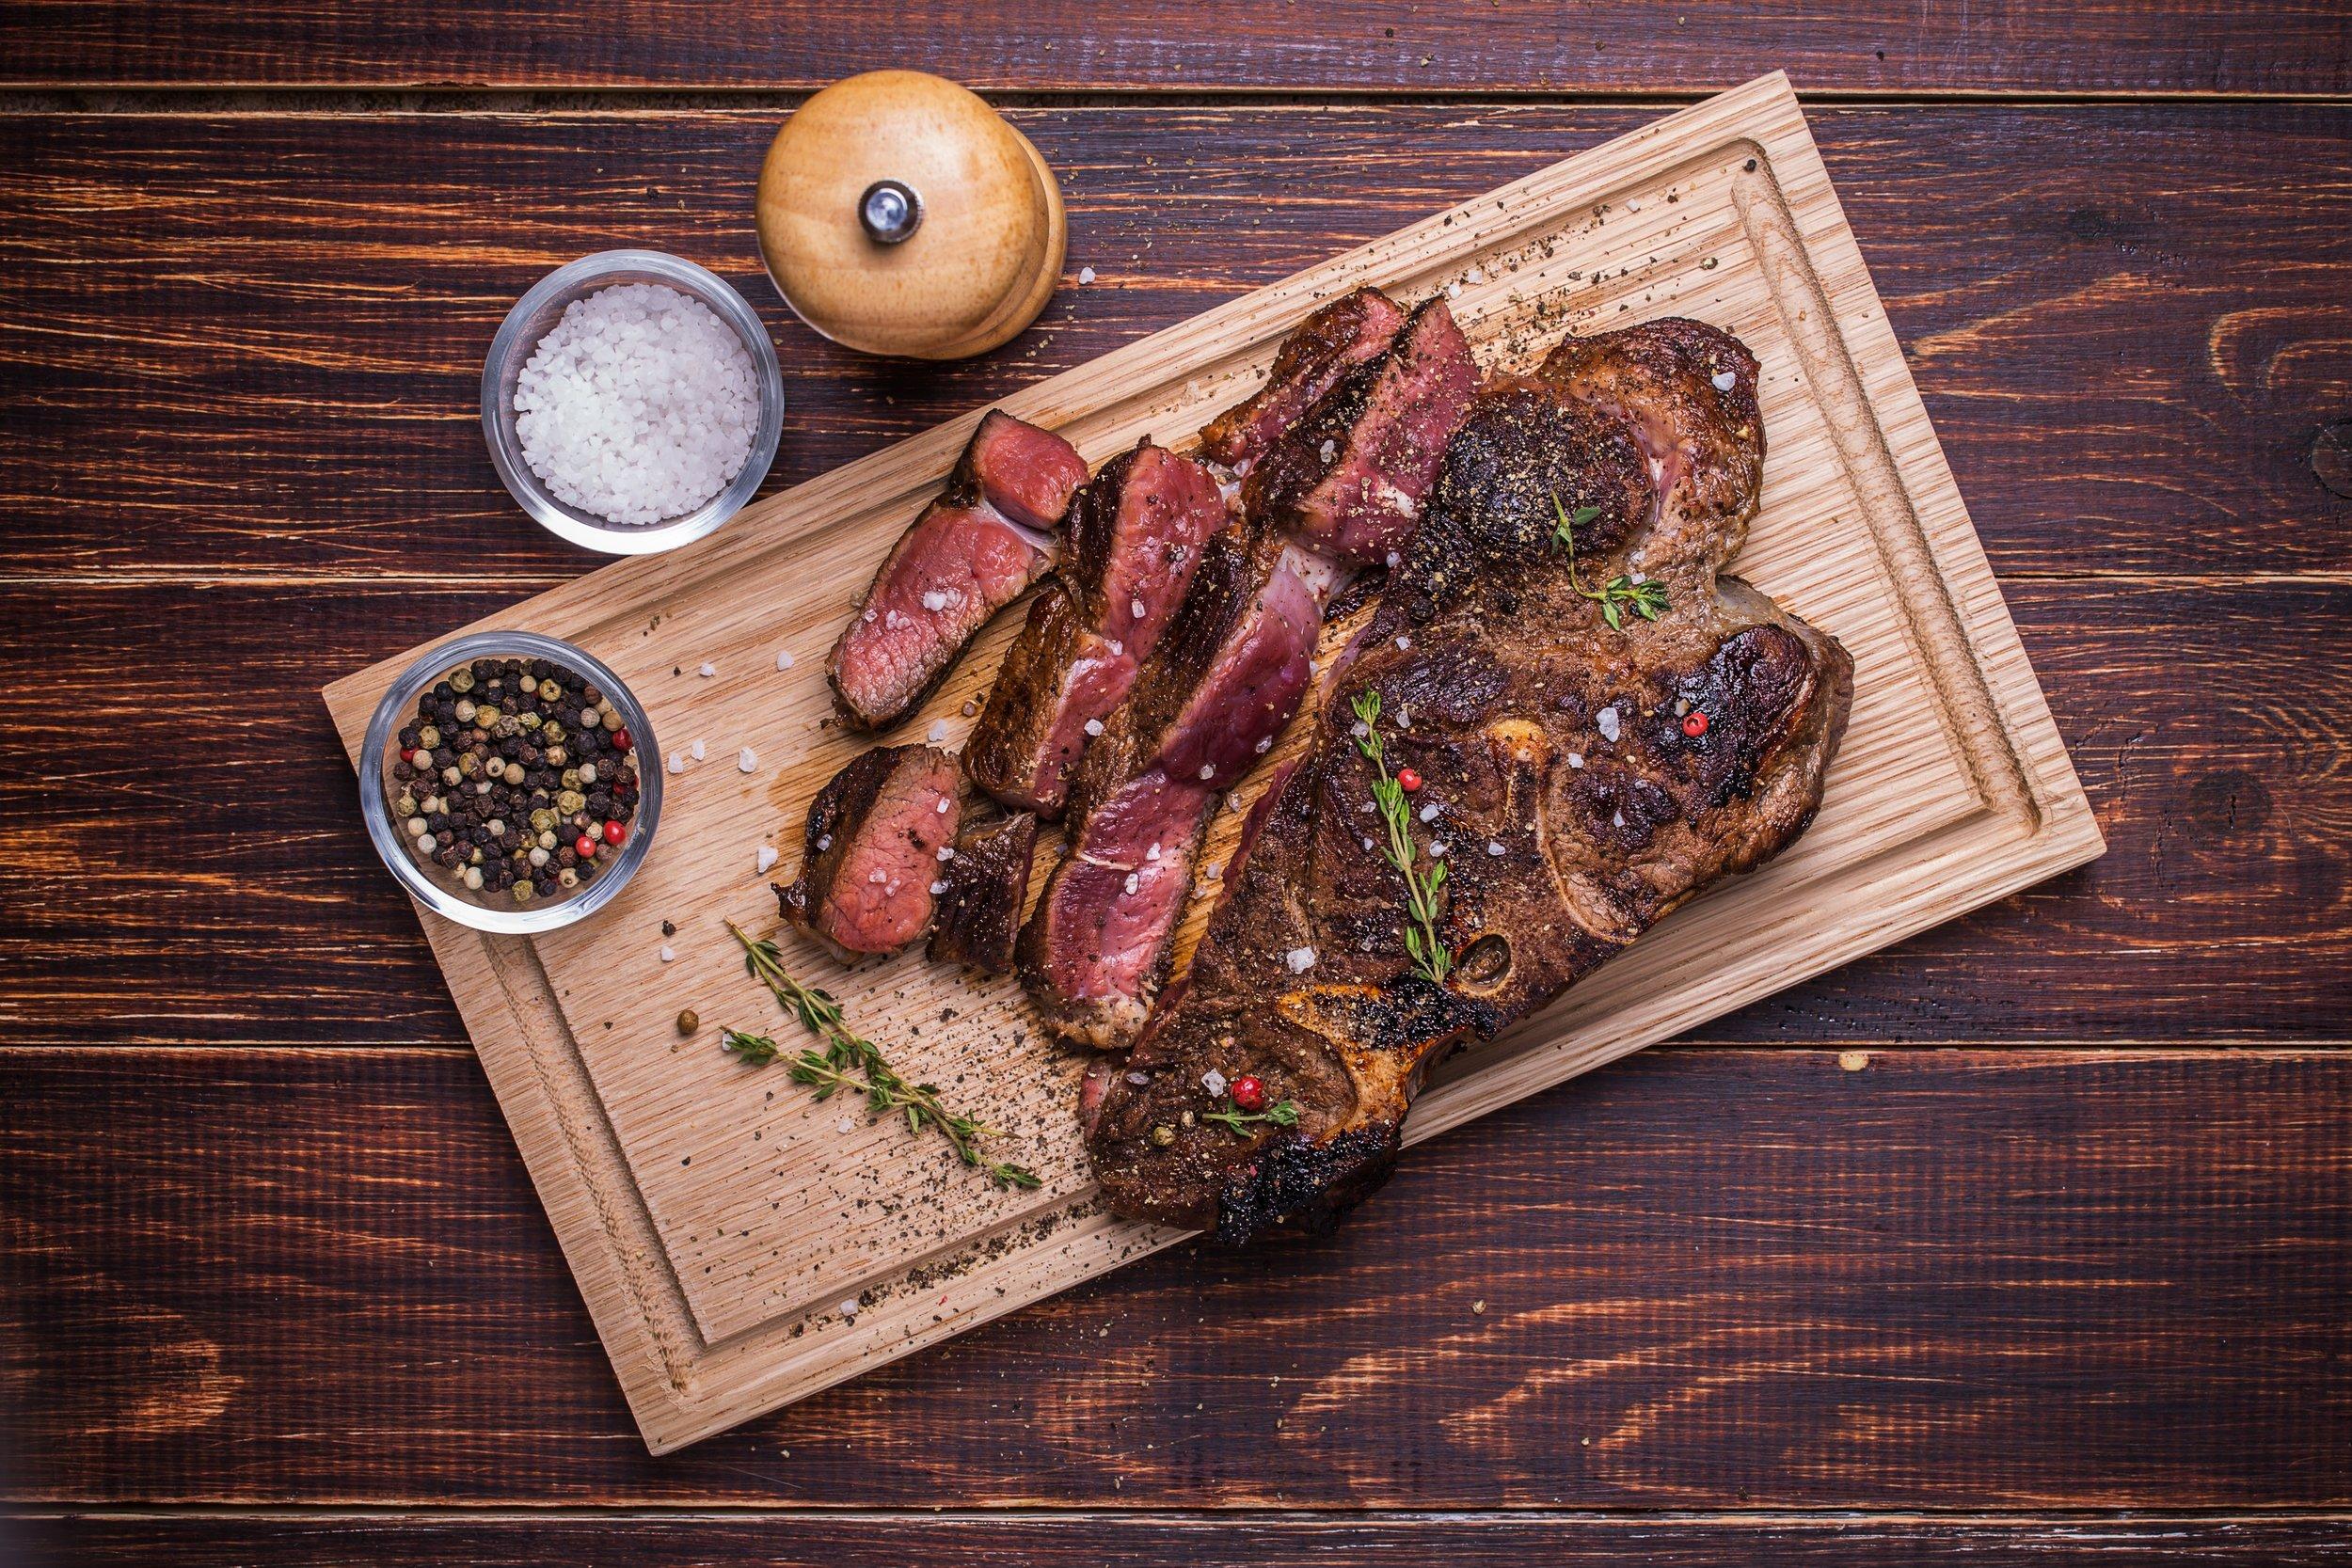 Beef steak on a wooden background.jpg